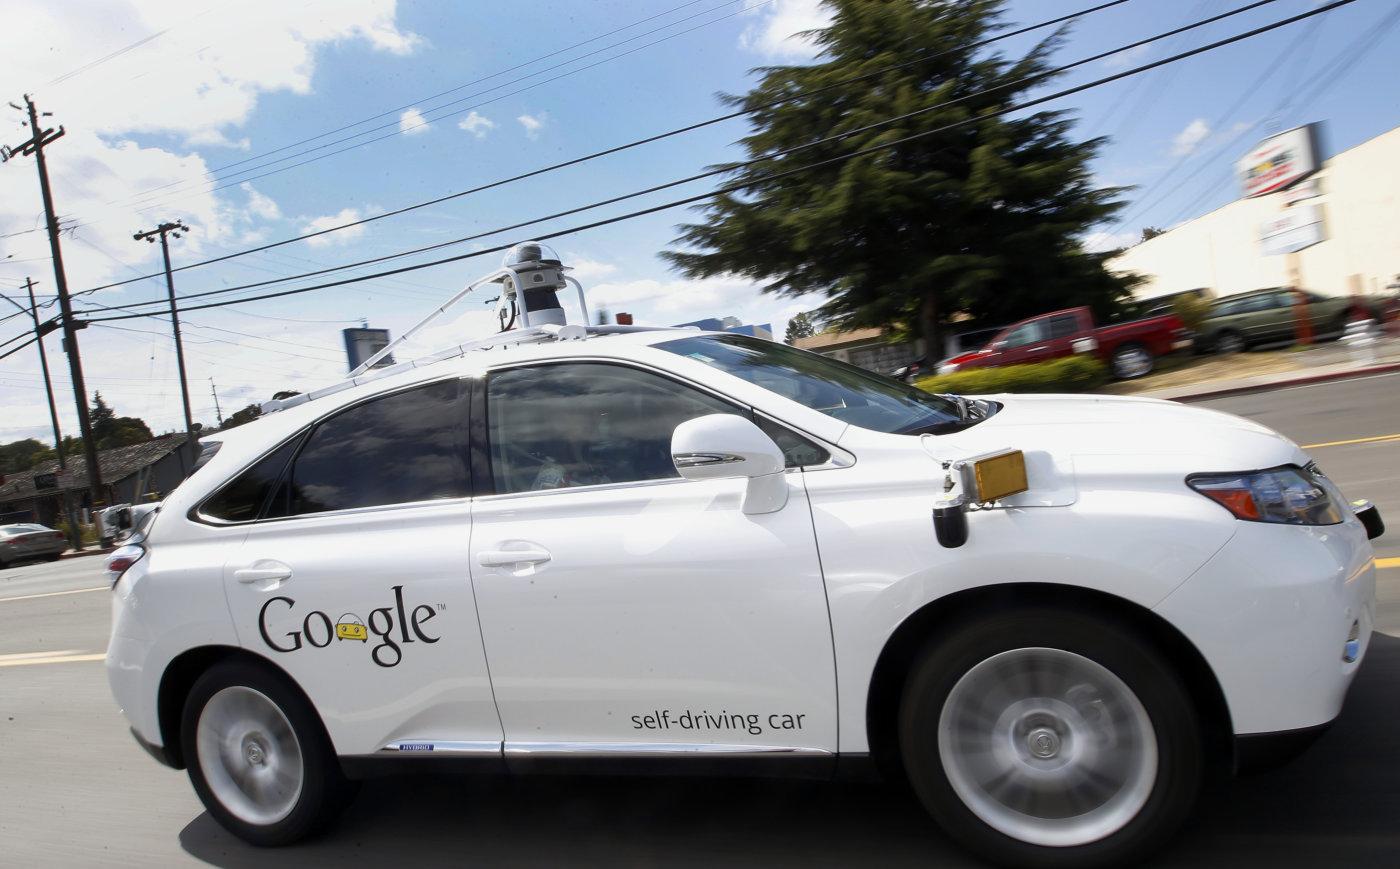 Photo: Courtesy of Google